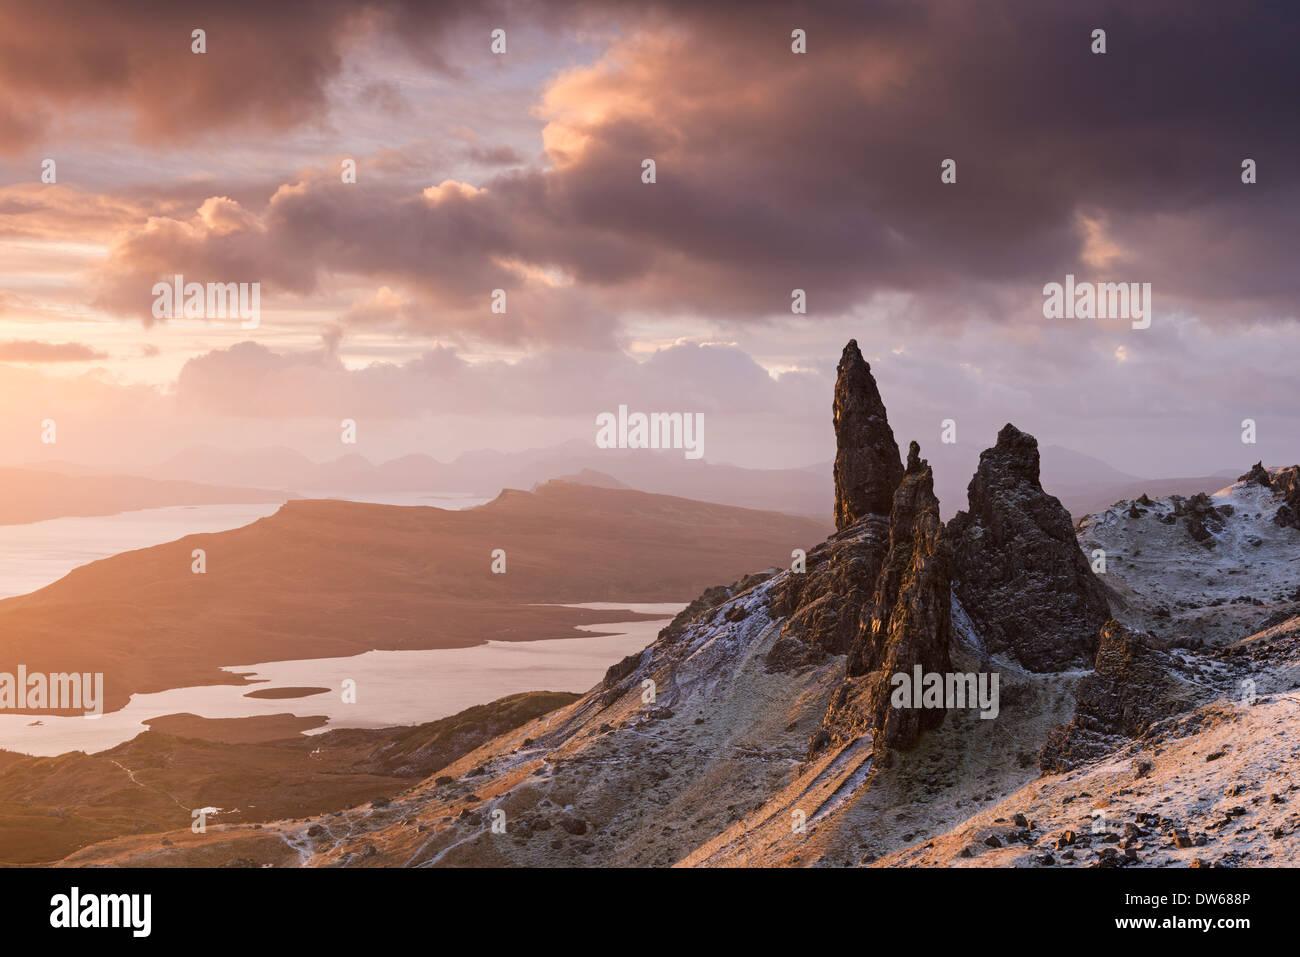 Schönen Sonnenaufgang über dem Schnee bestäubt Old Man of Storr, Isle Of Skye, Schottland. Winter (Dezember) 2013. Stockbild